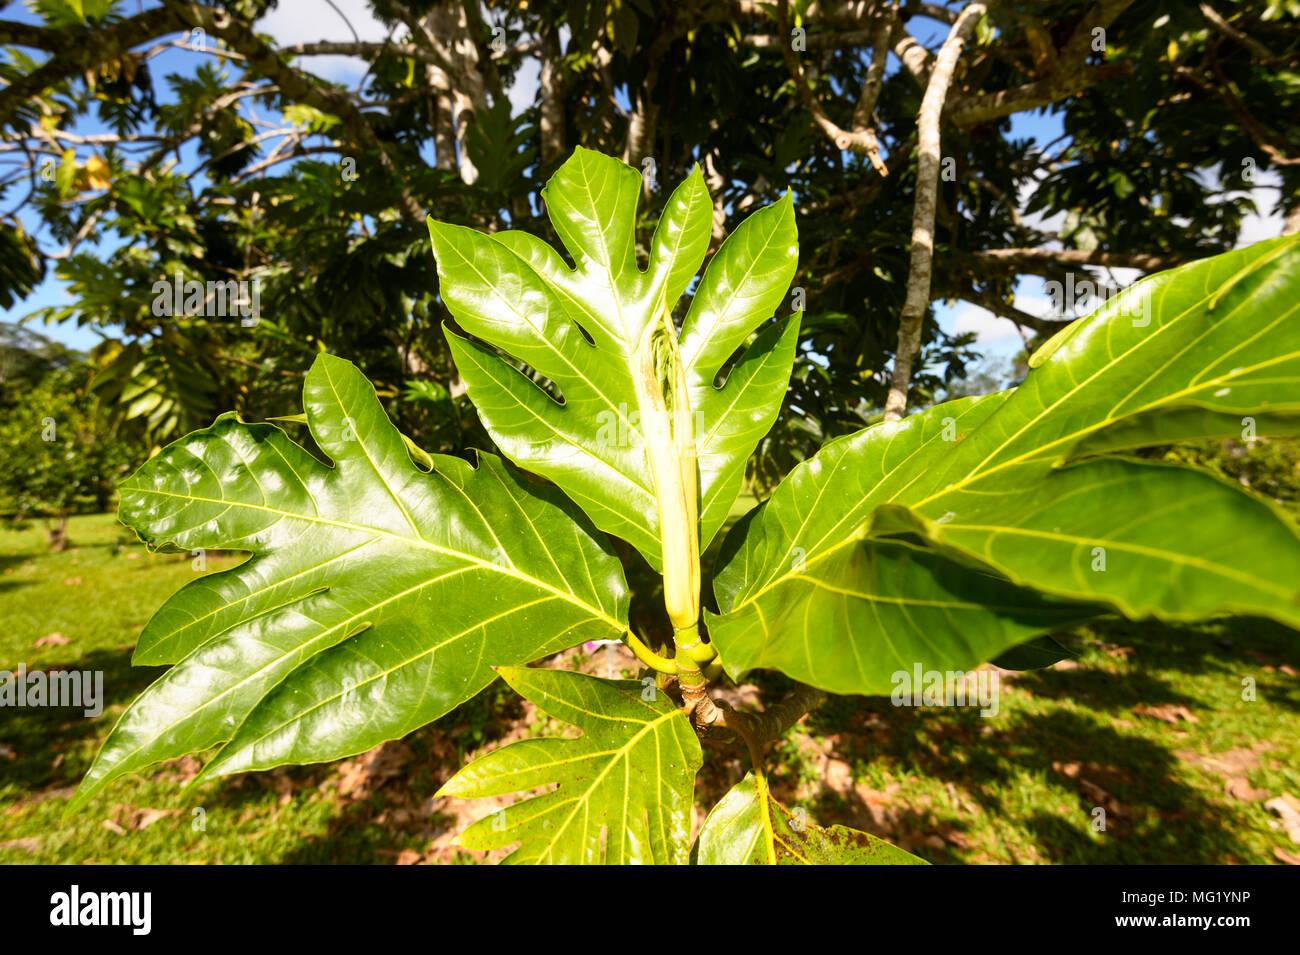 Laub eines Brotfruchtbaum wachsende zum Daintree Eis Co & tropischen Obstgarten im Daintree National Park, Far North Queensland, FNQ, QLD, Austr Stockbild